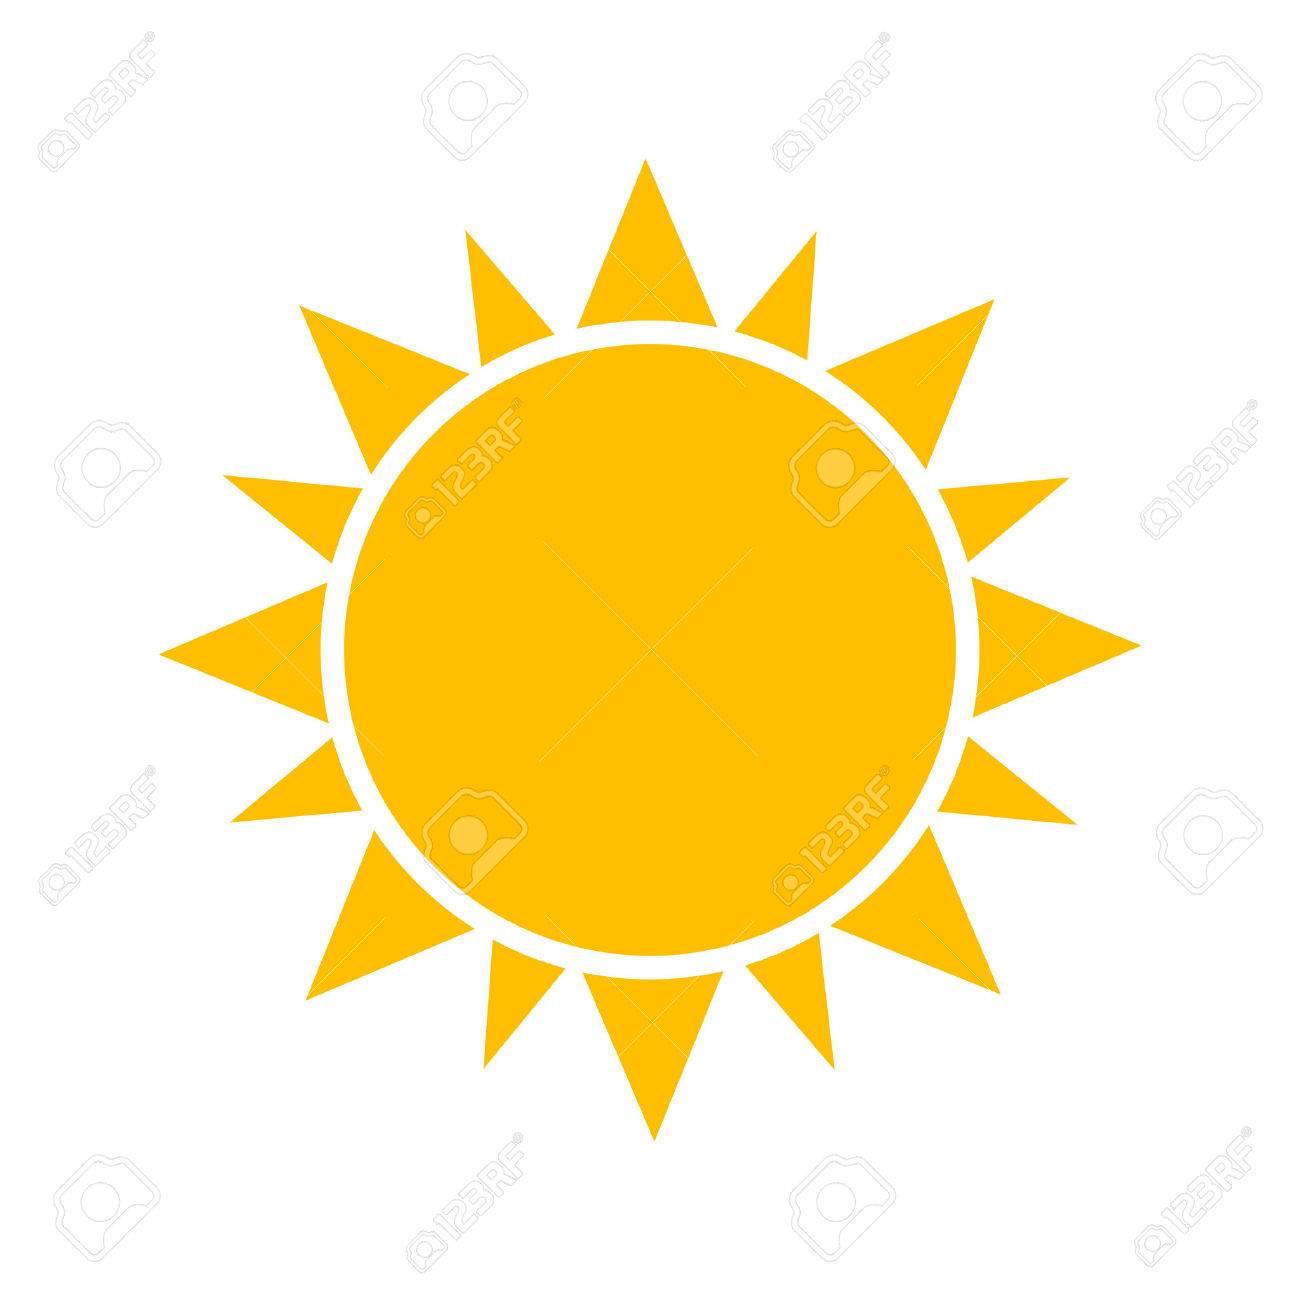 Sun icon. - 56783002